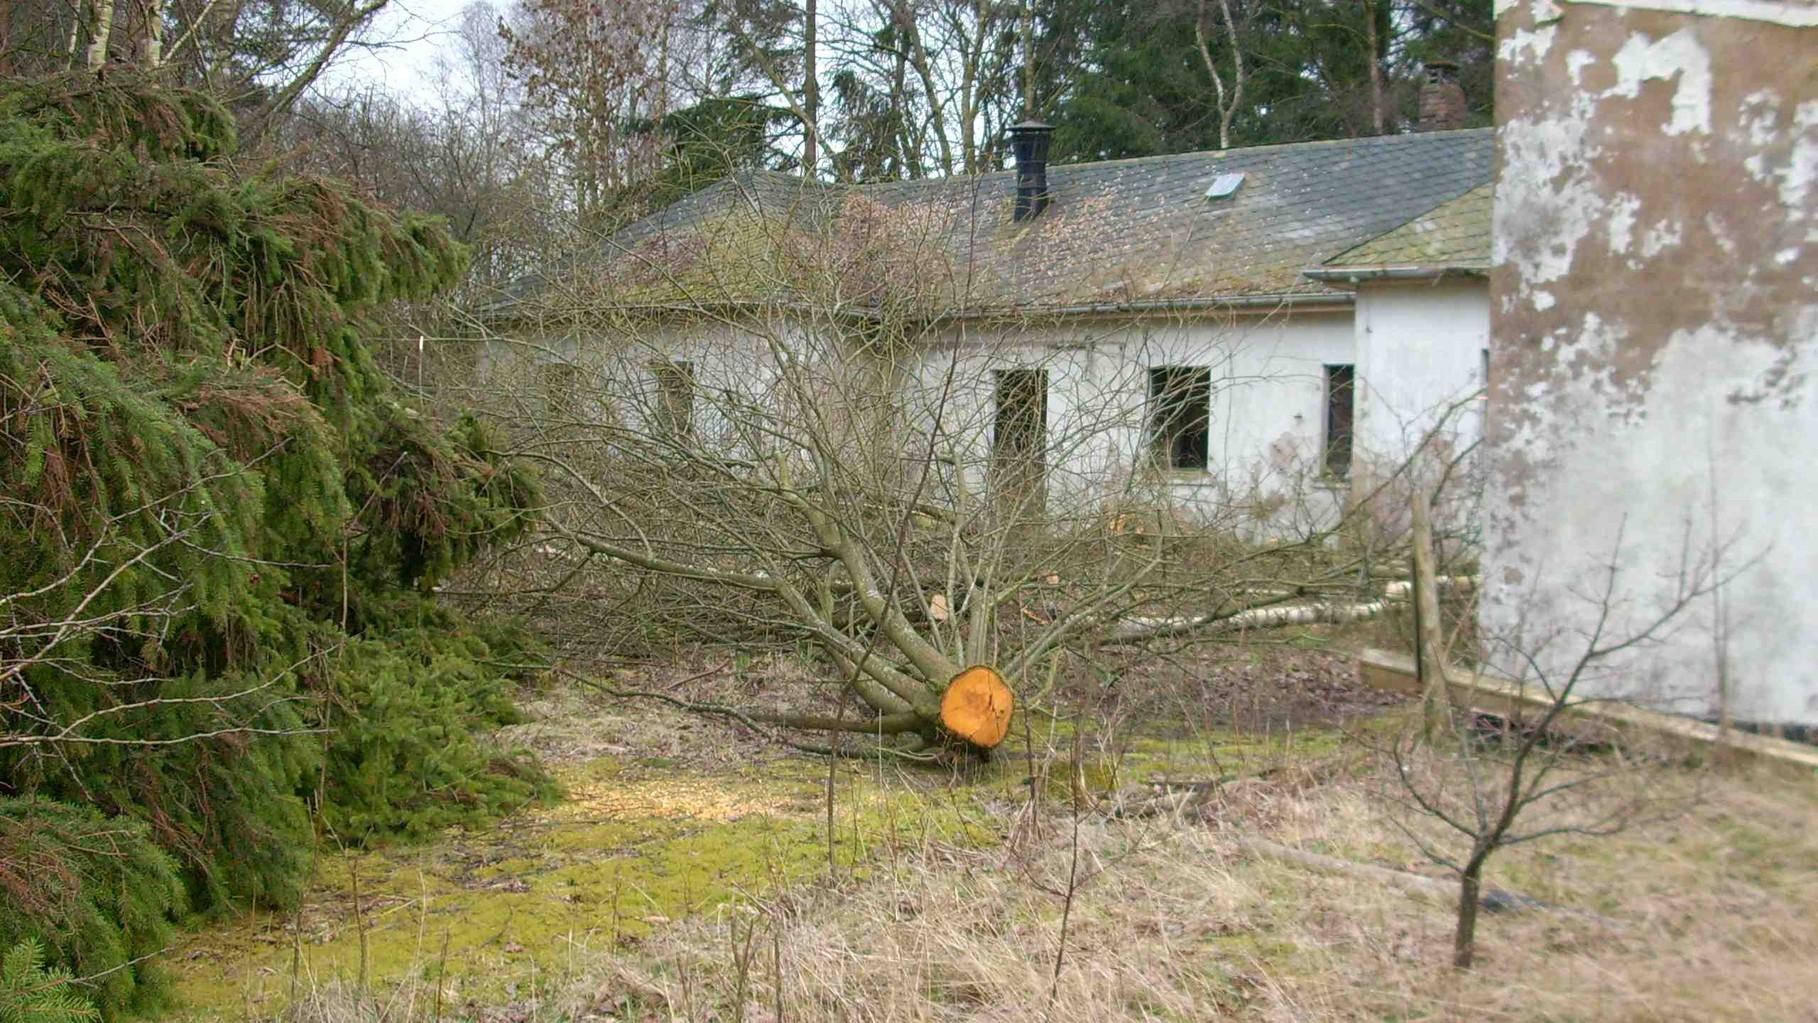 Fällung von Bäumen auf dem Hofgelände